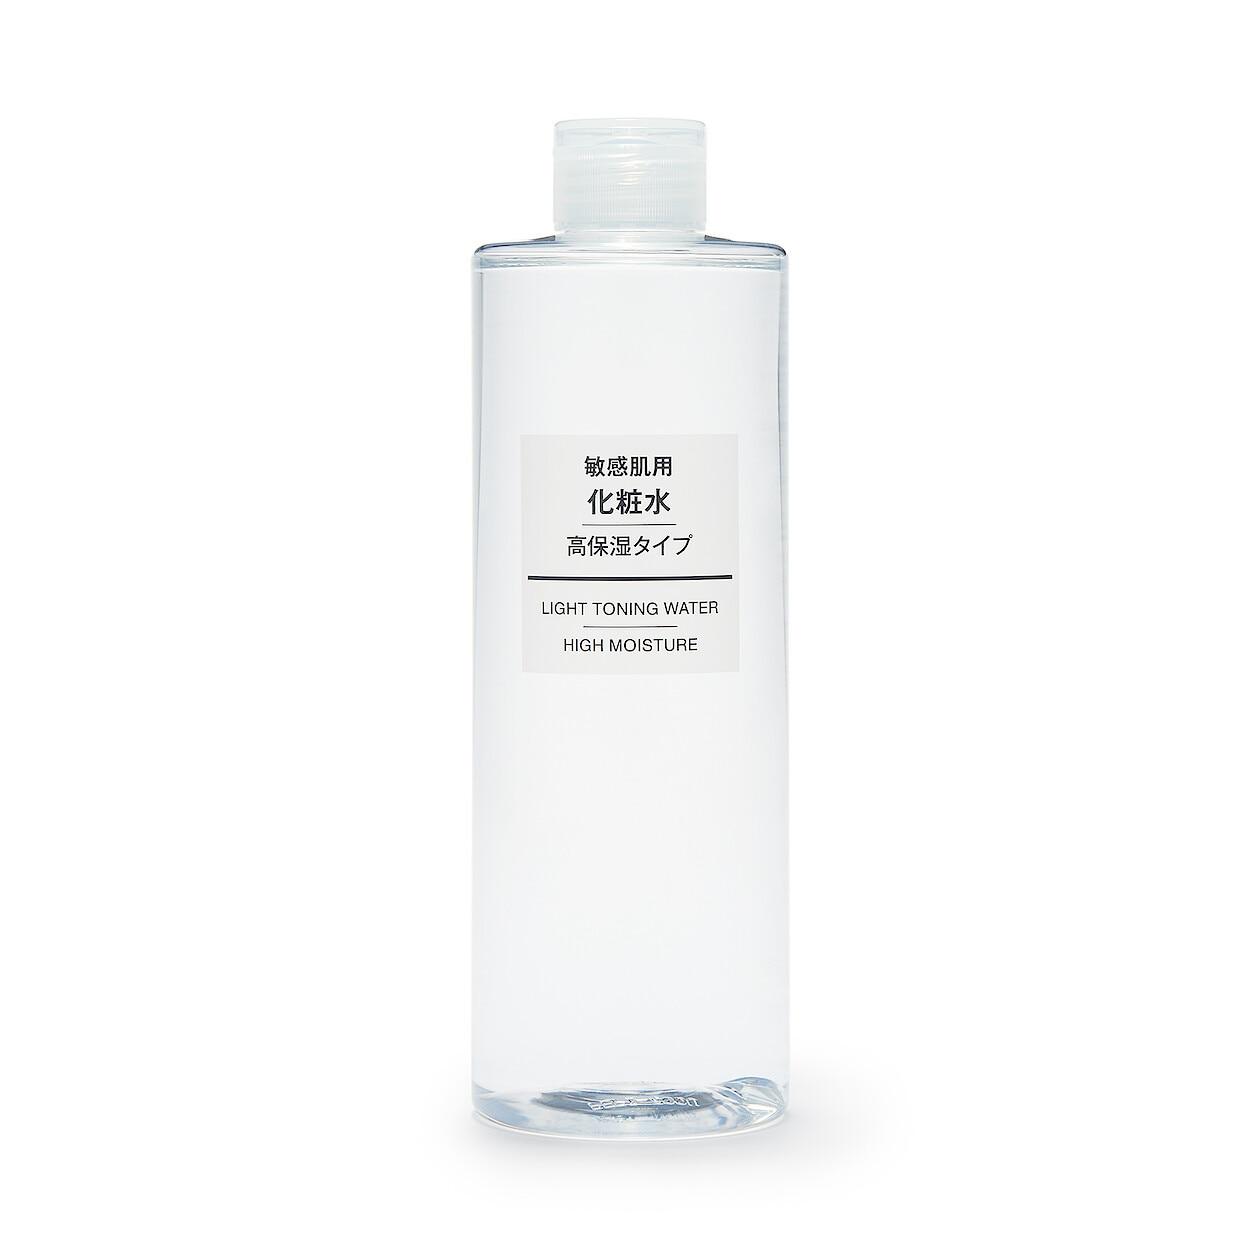 化粧水・敏感肌用・高保湿タイプ(大容量)